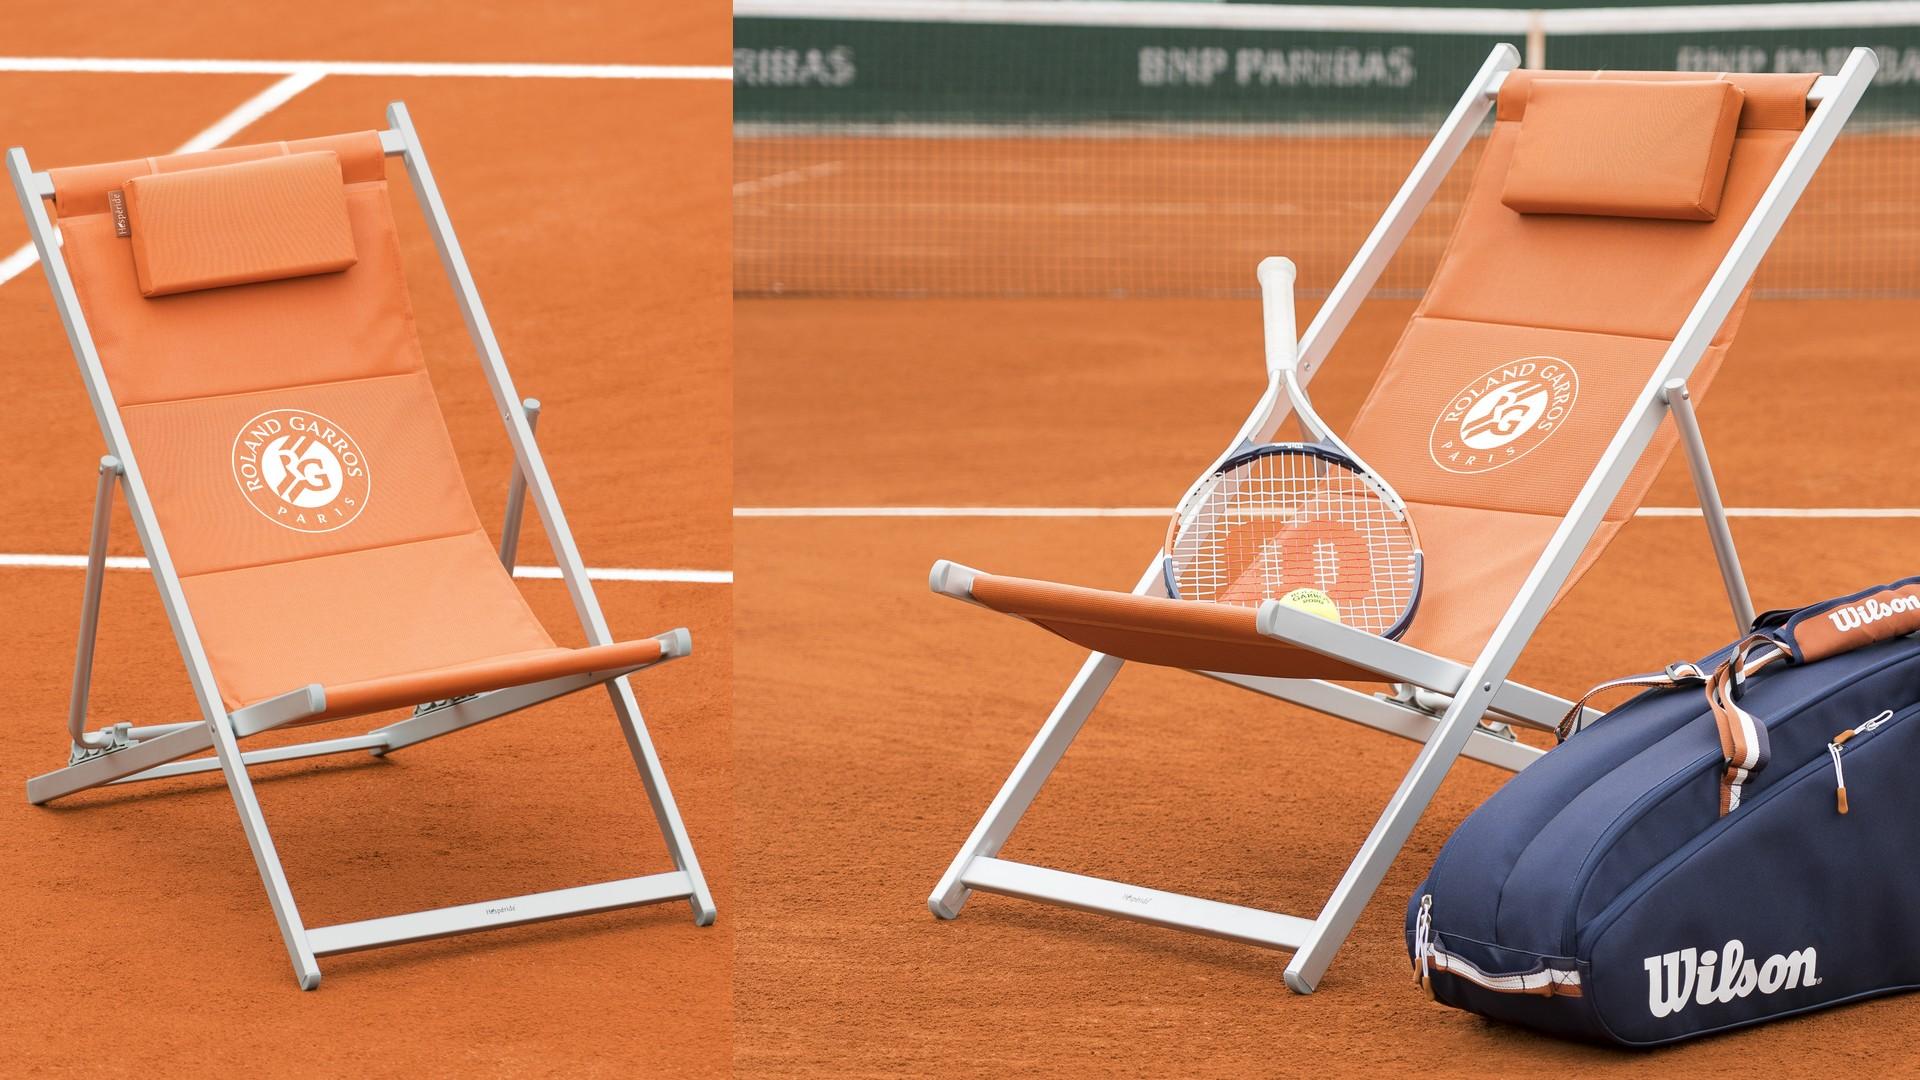 Hesperides (2) x Roland Garros (tennis) 2021